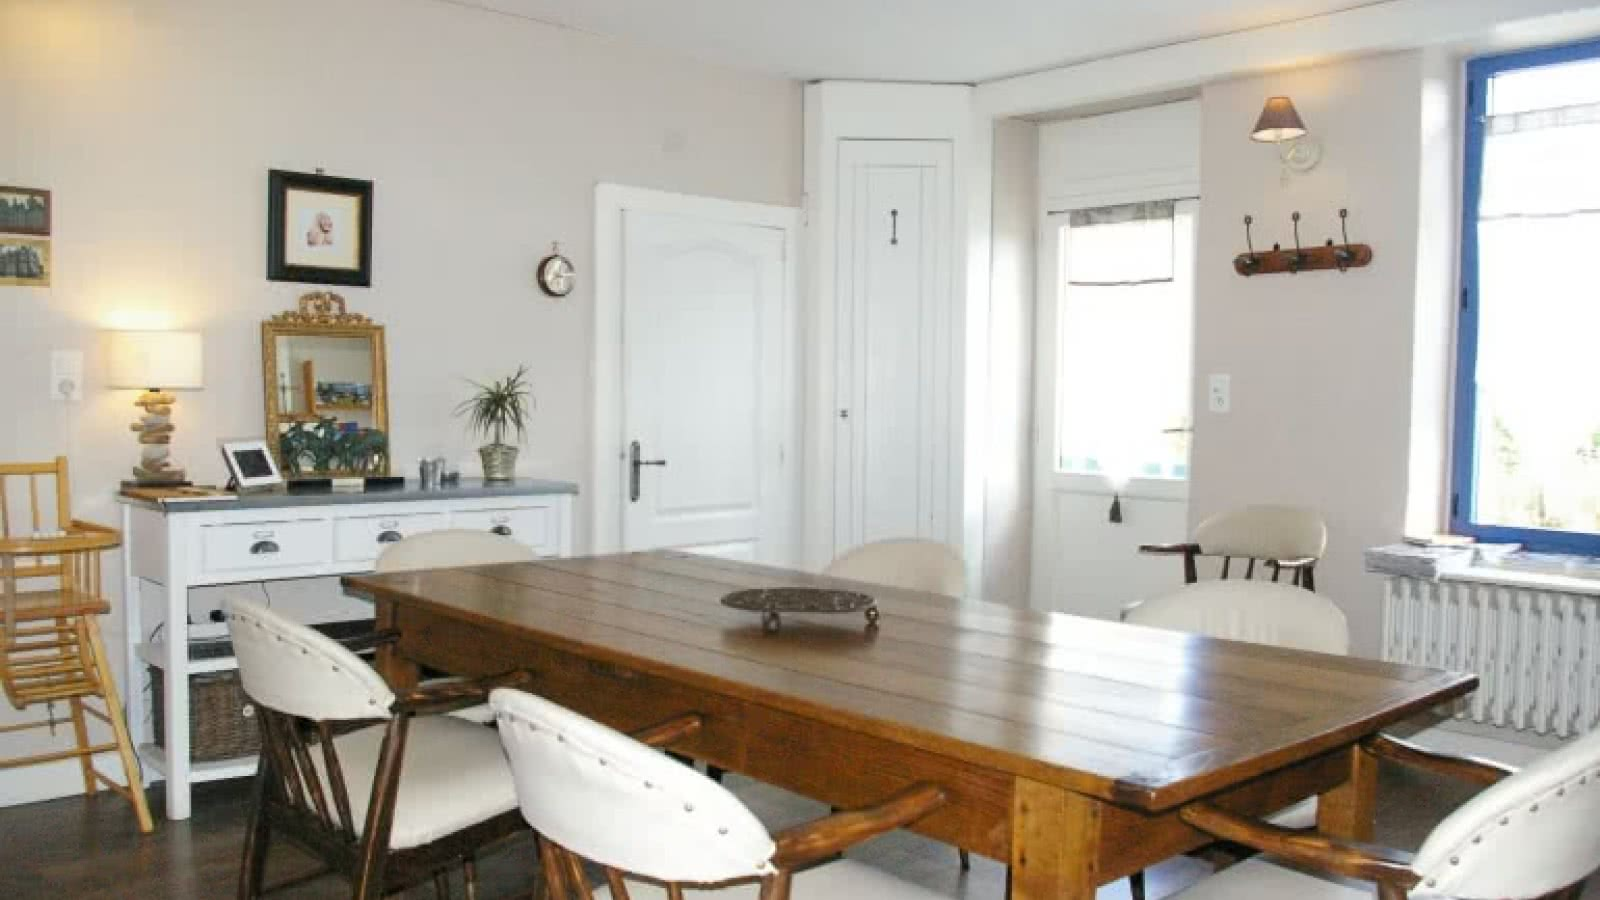 Chambres d'hôtes autour de Chaumont- La Source de Bury